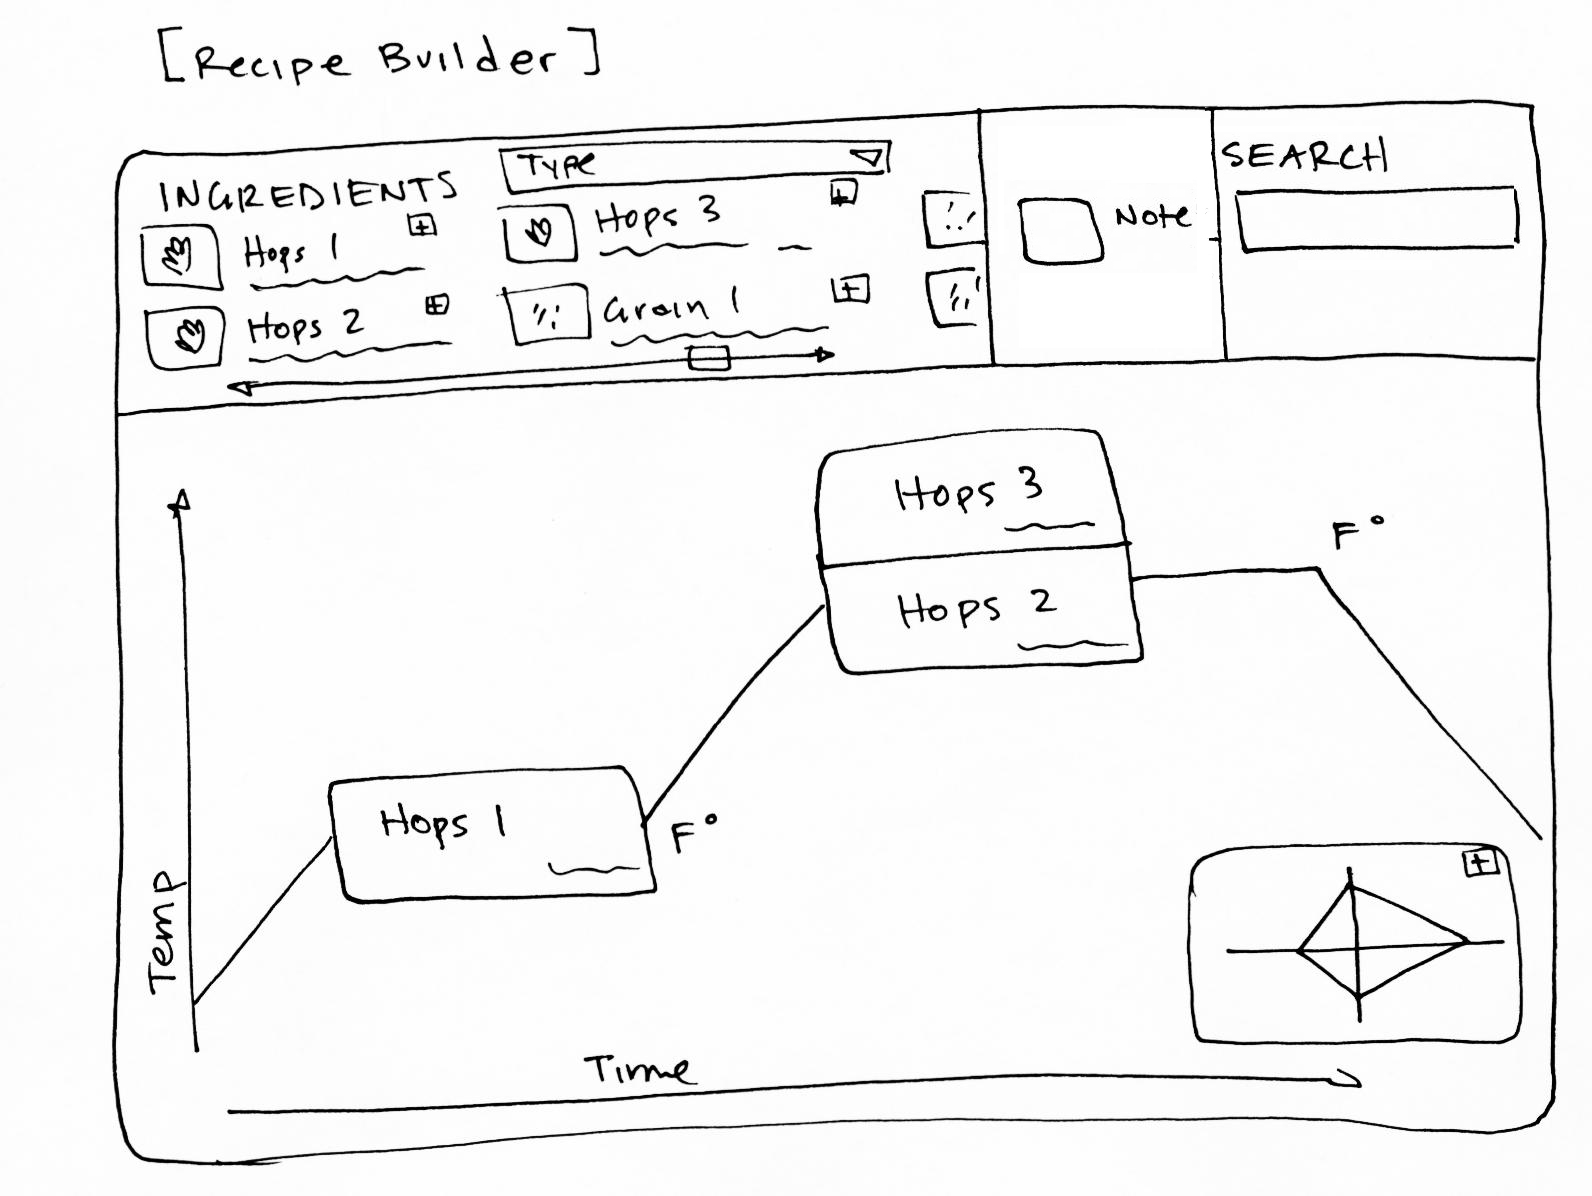 beer recipe builder copy.jpg